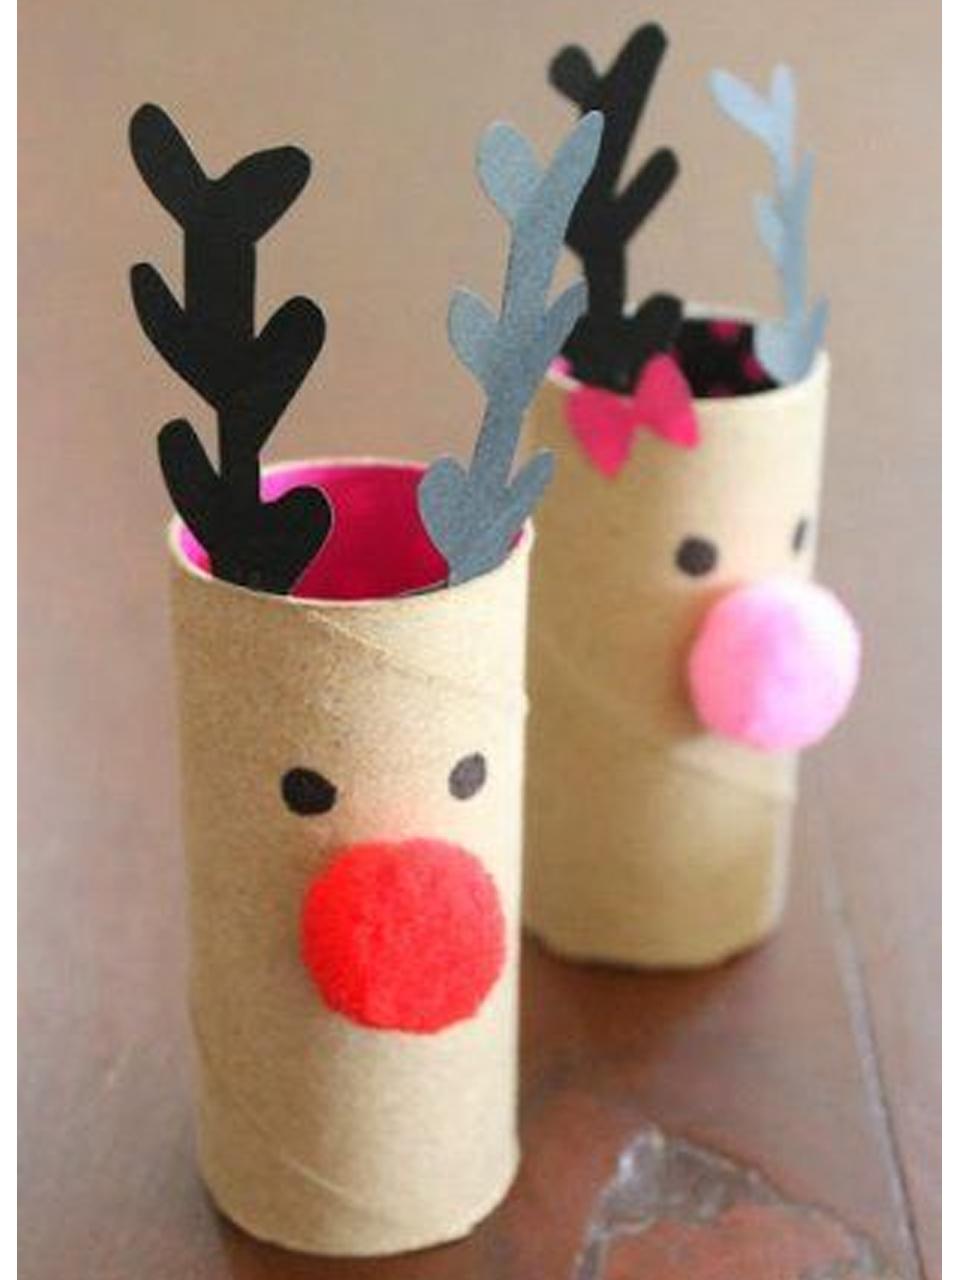 Manualidades Faciles Y Economicas Para Regalar En Navidad - Manualidades-faciles-de-navidad-para-regalar